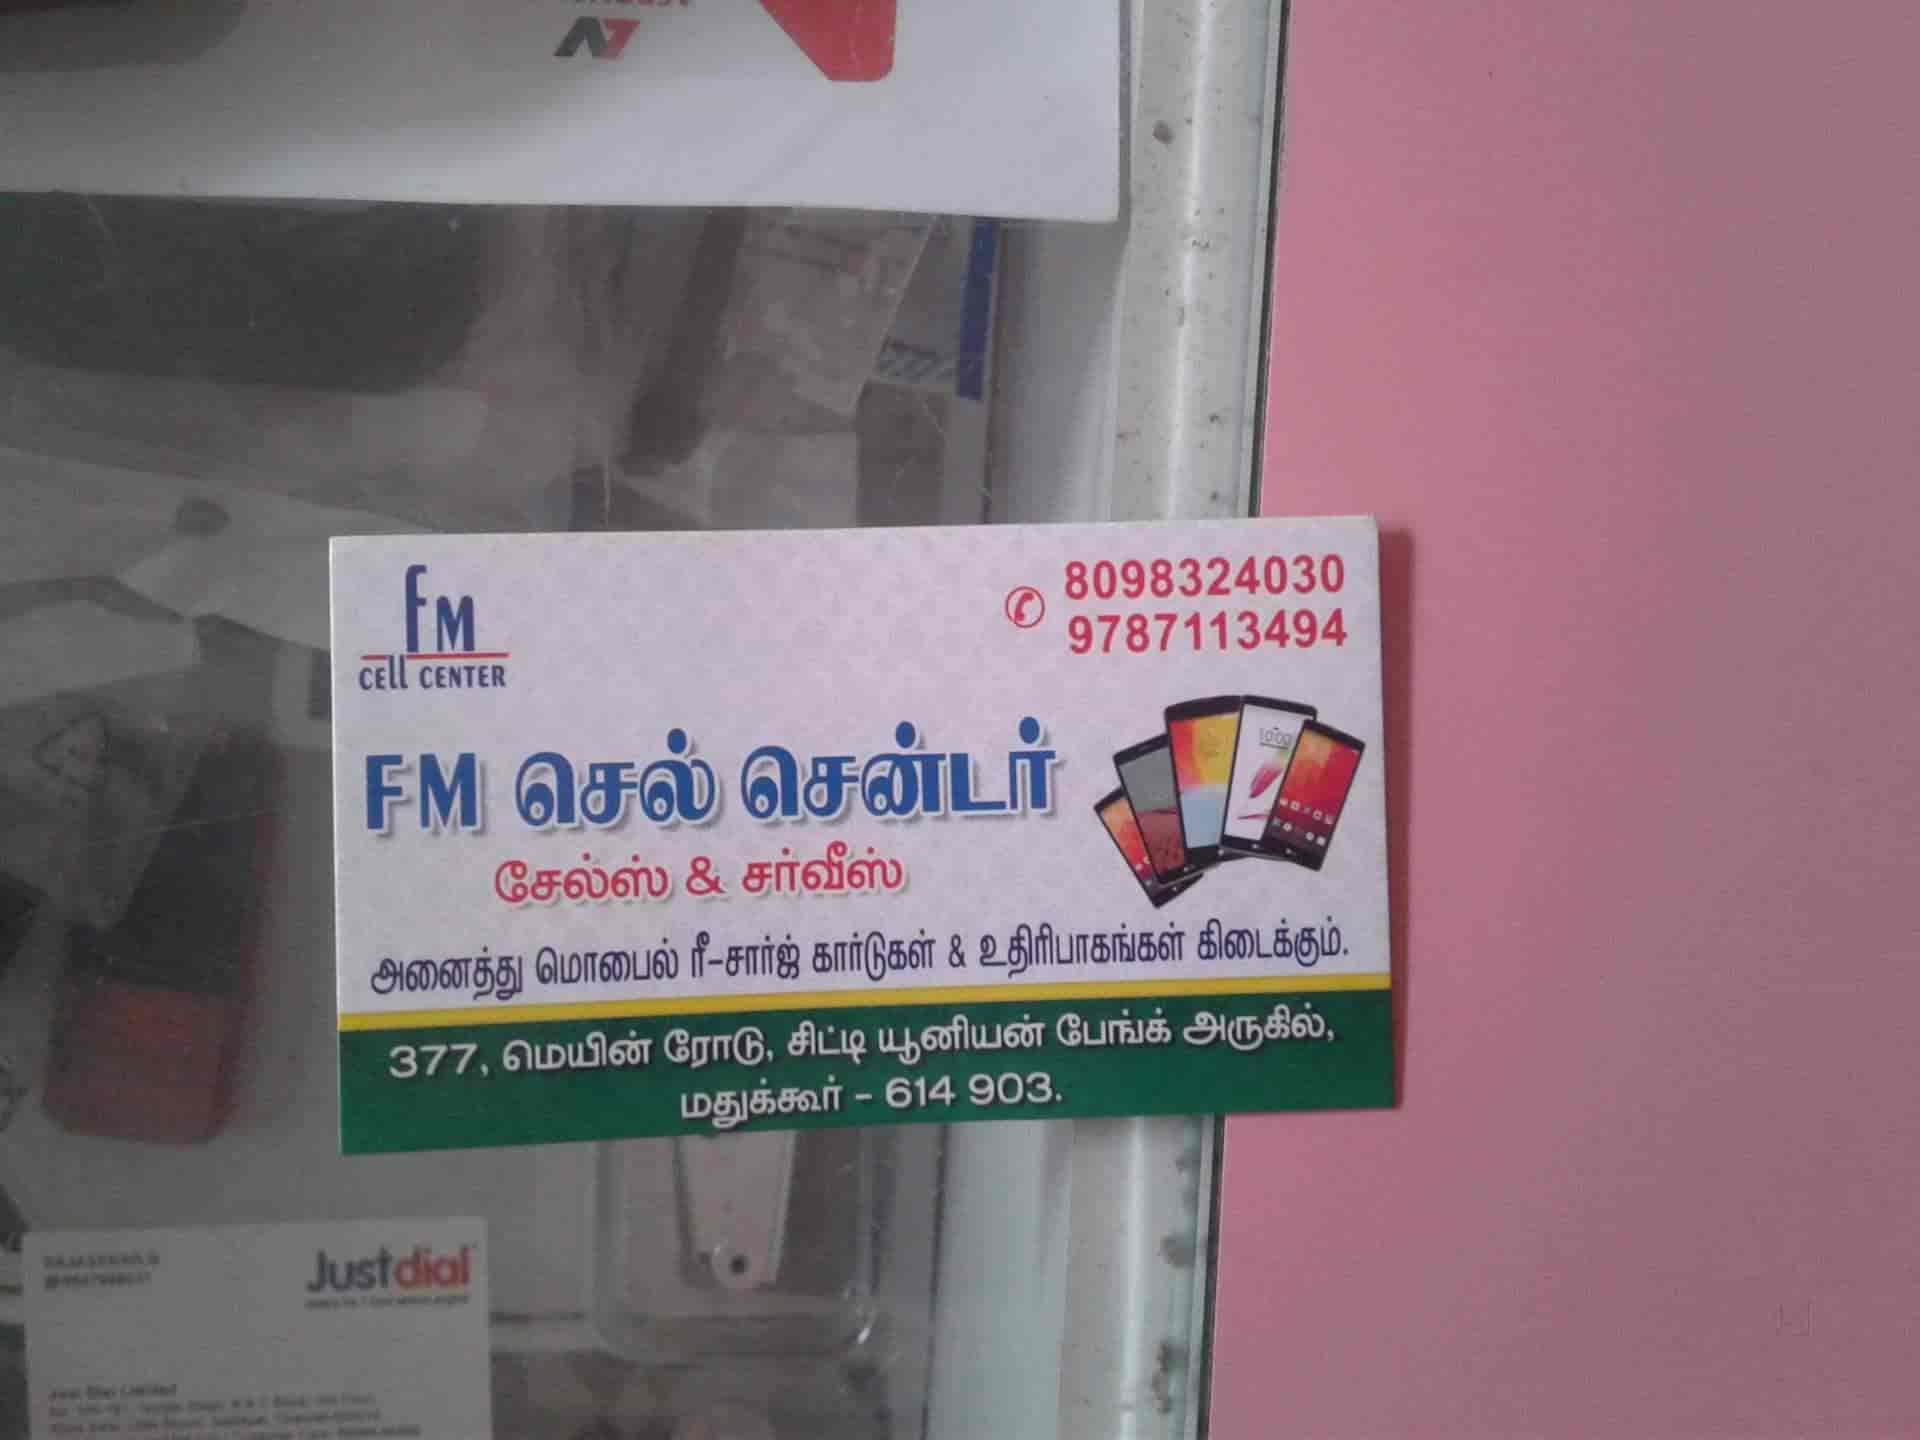 Item phone number